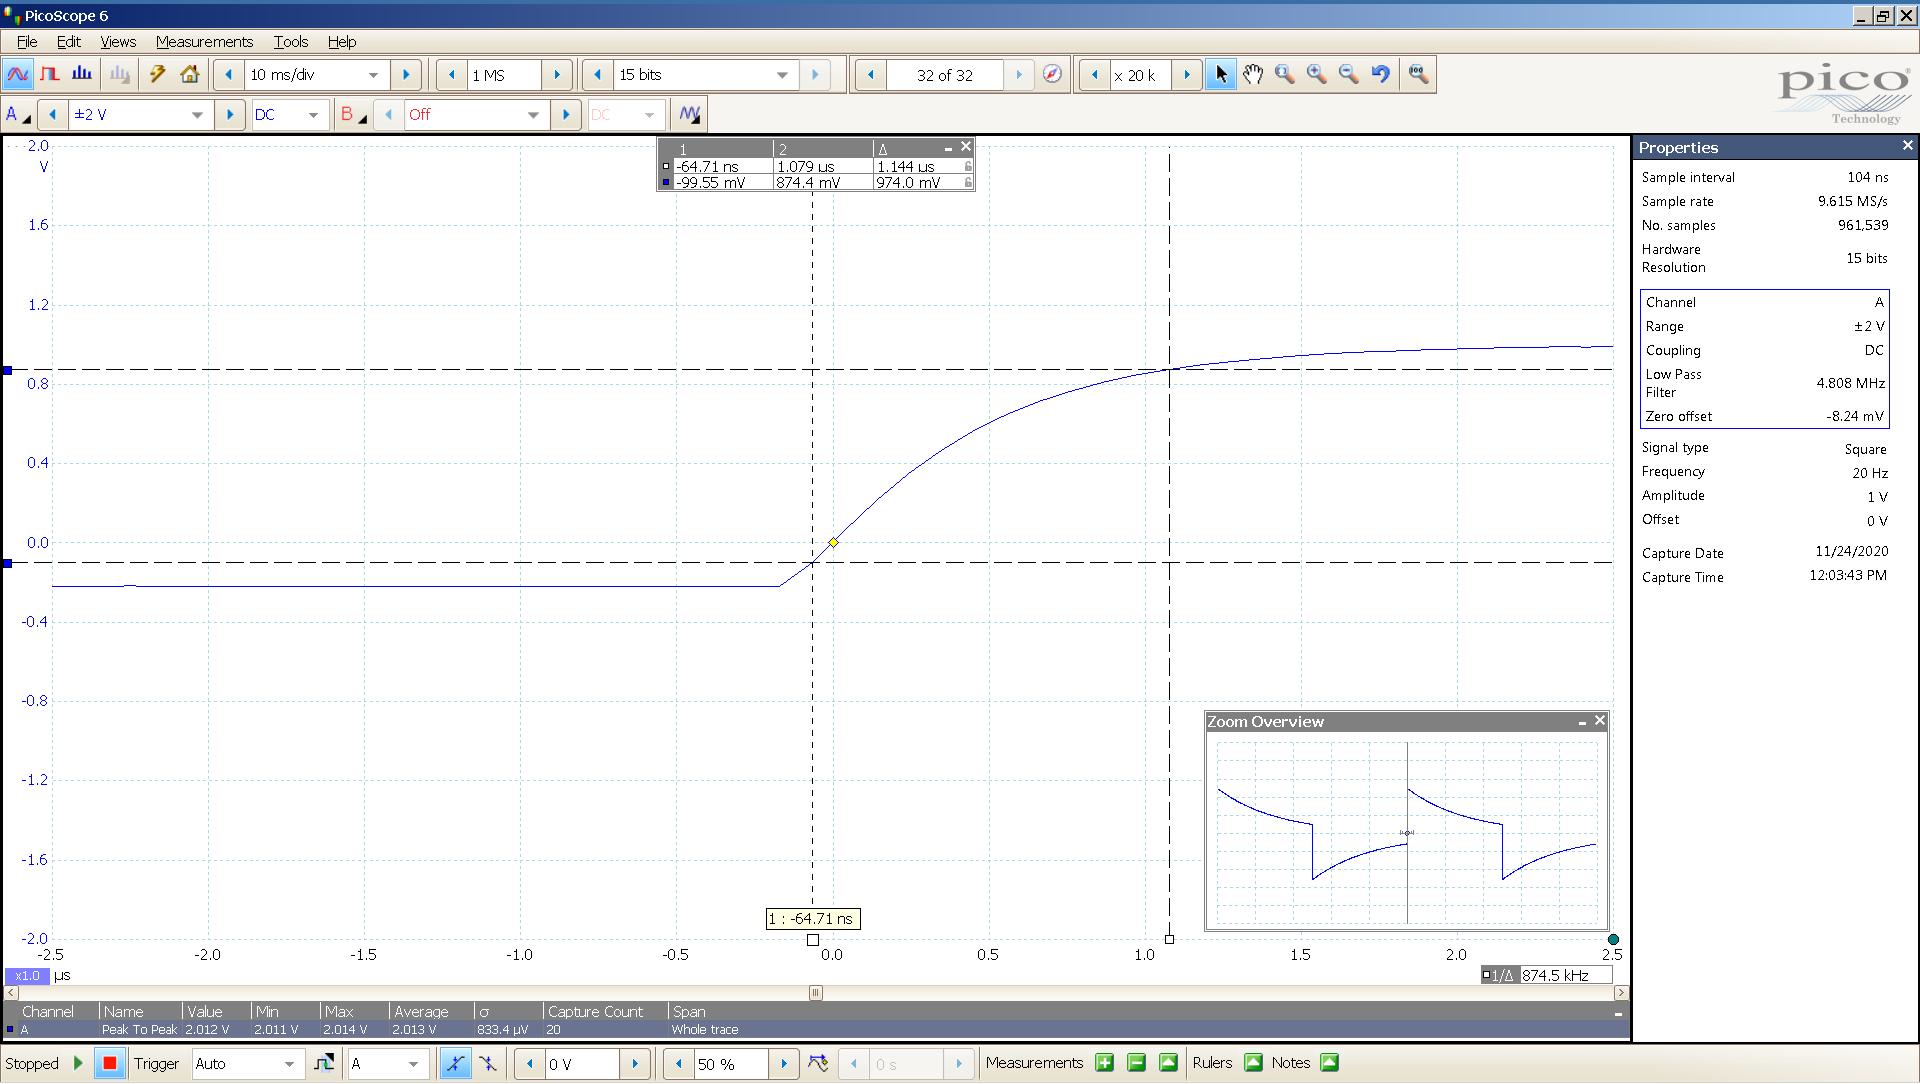 20201124 SigGen Vali2+ 6bz7a 20 Hz square 2000mVpp 0_5uS div 5MHz filter 32R - BW calc.png